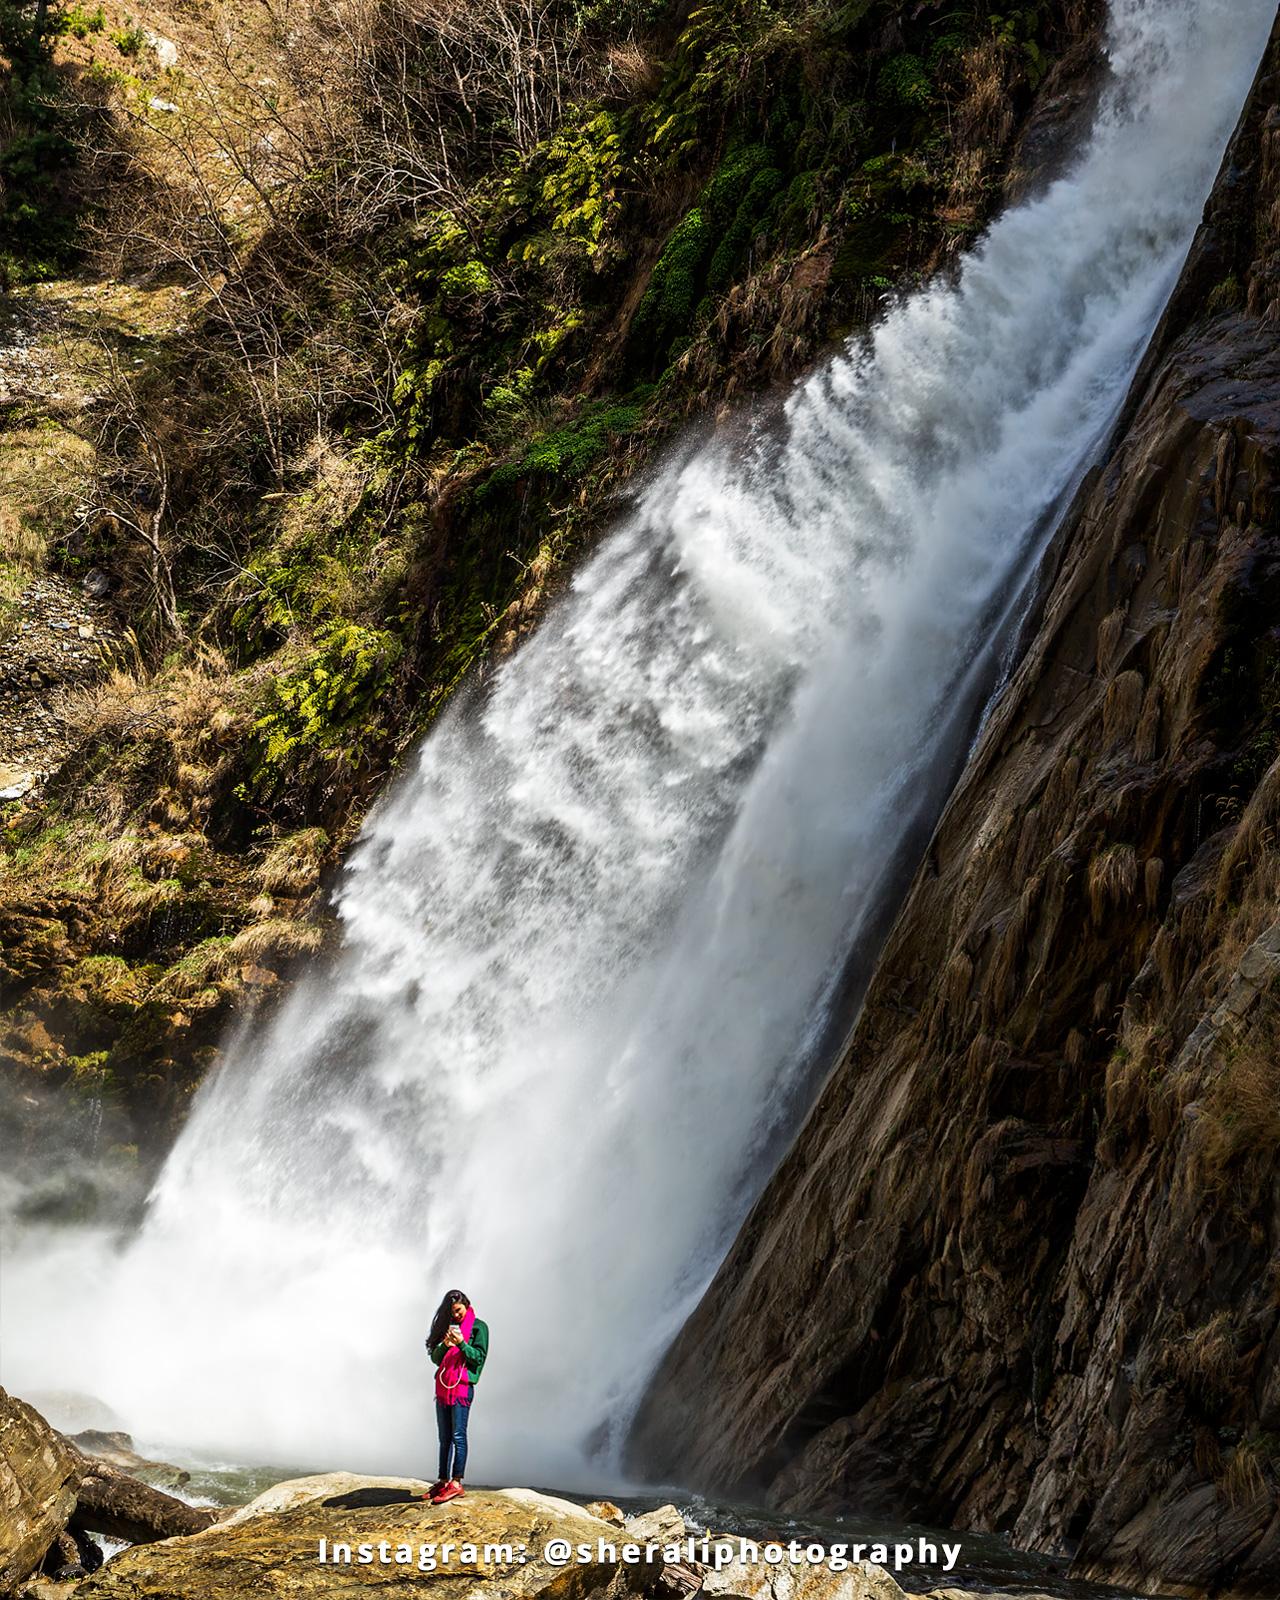 Solitude at Chamb waterfall